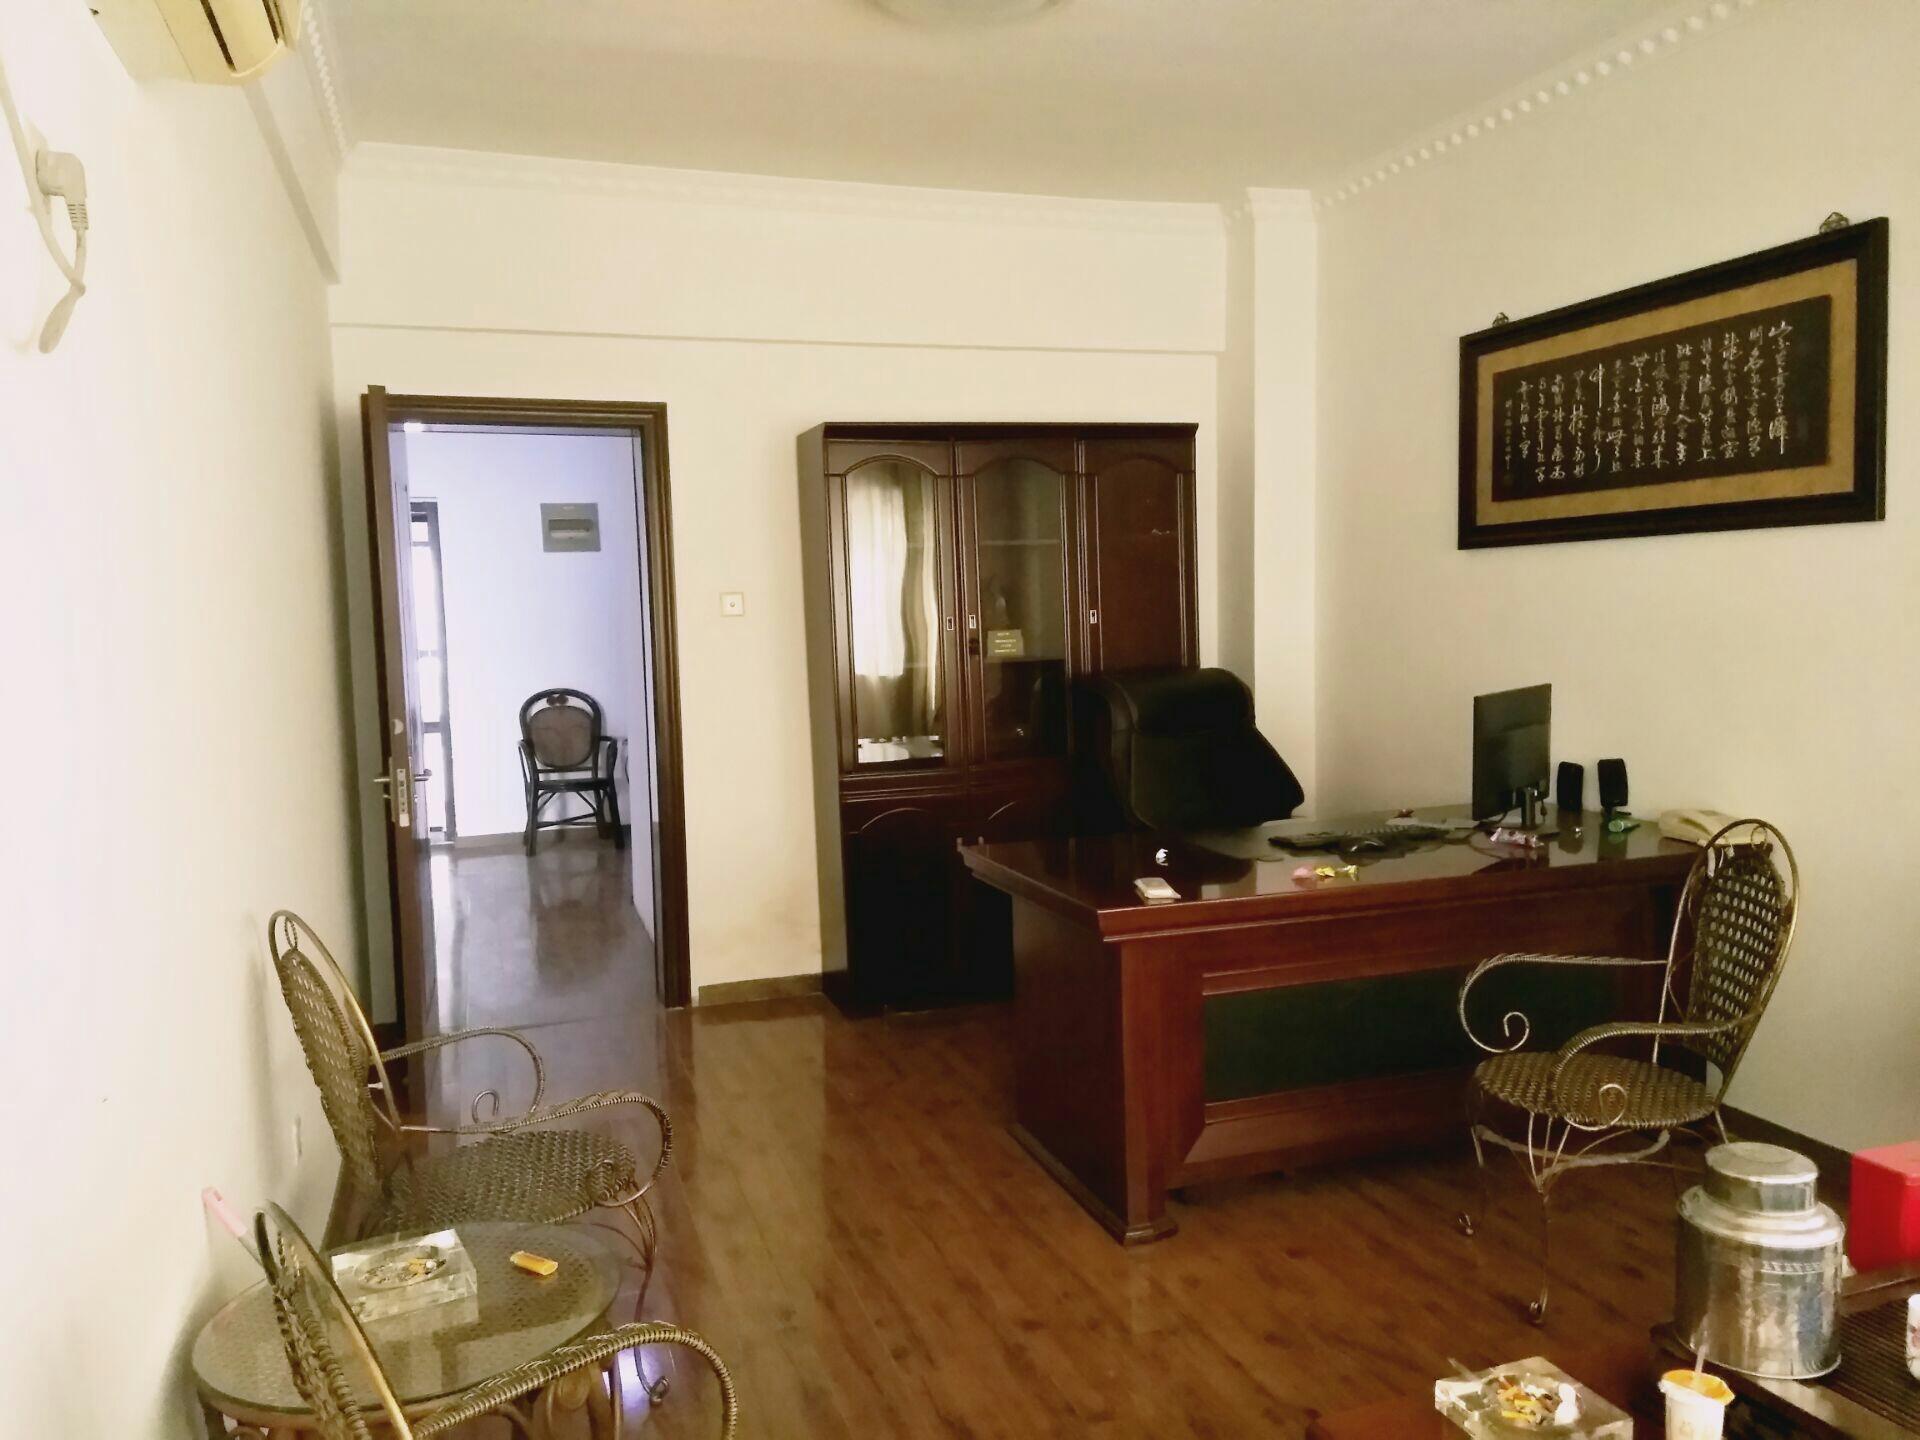 财富中心 107平米 简装2室 适合办公 家具齐全_5